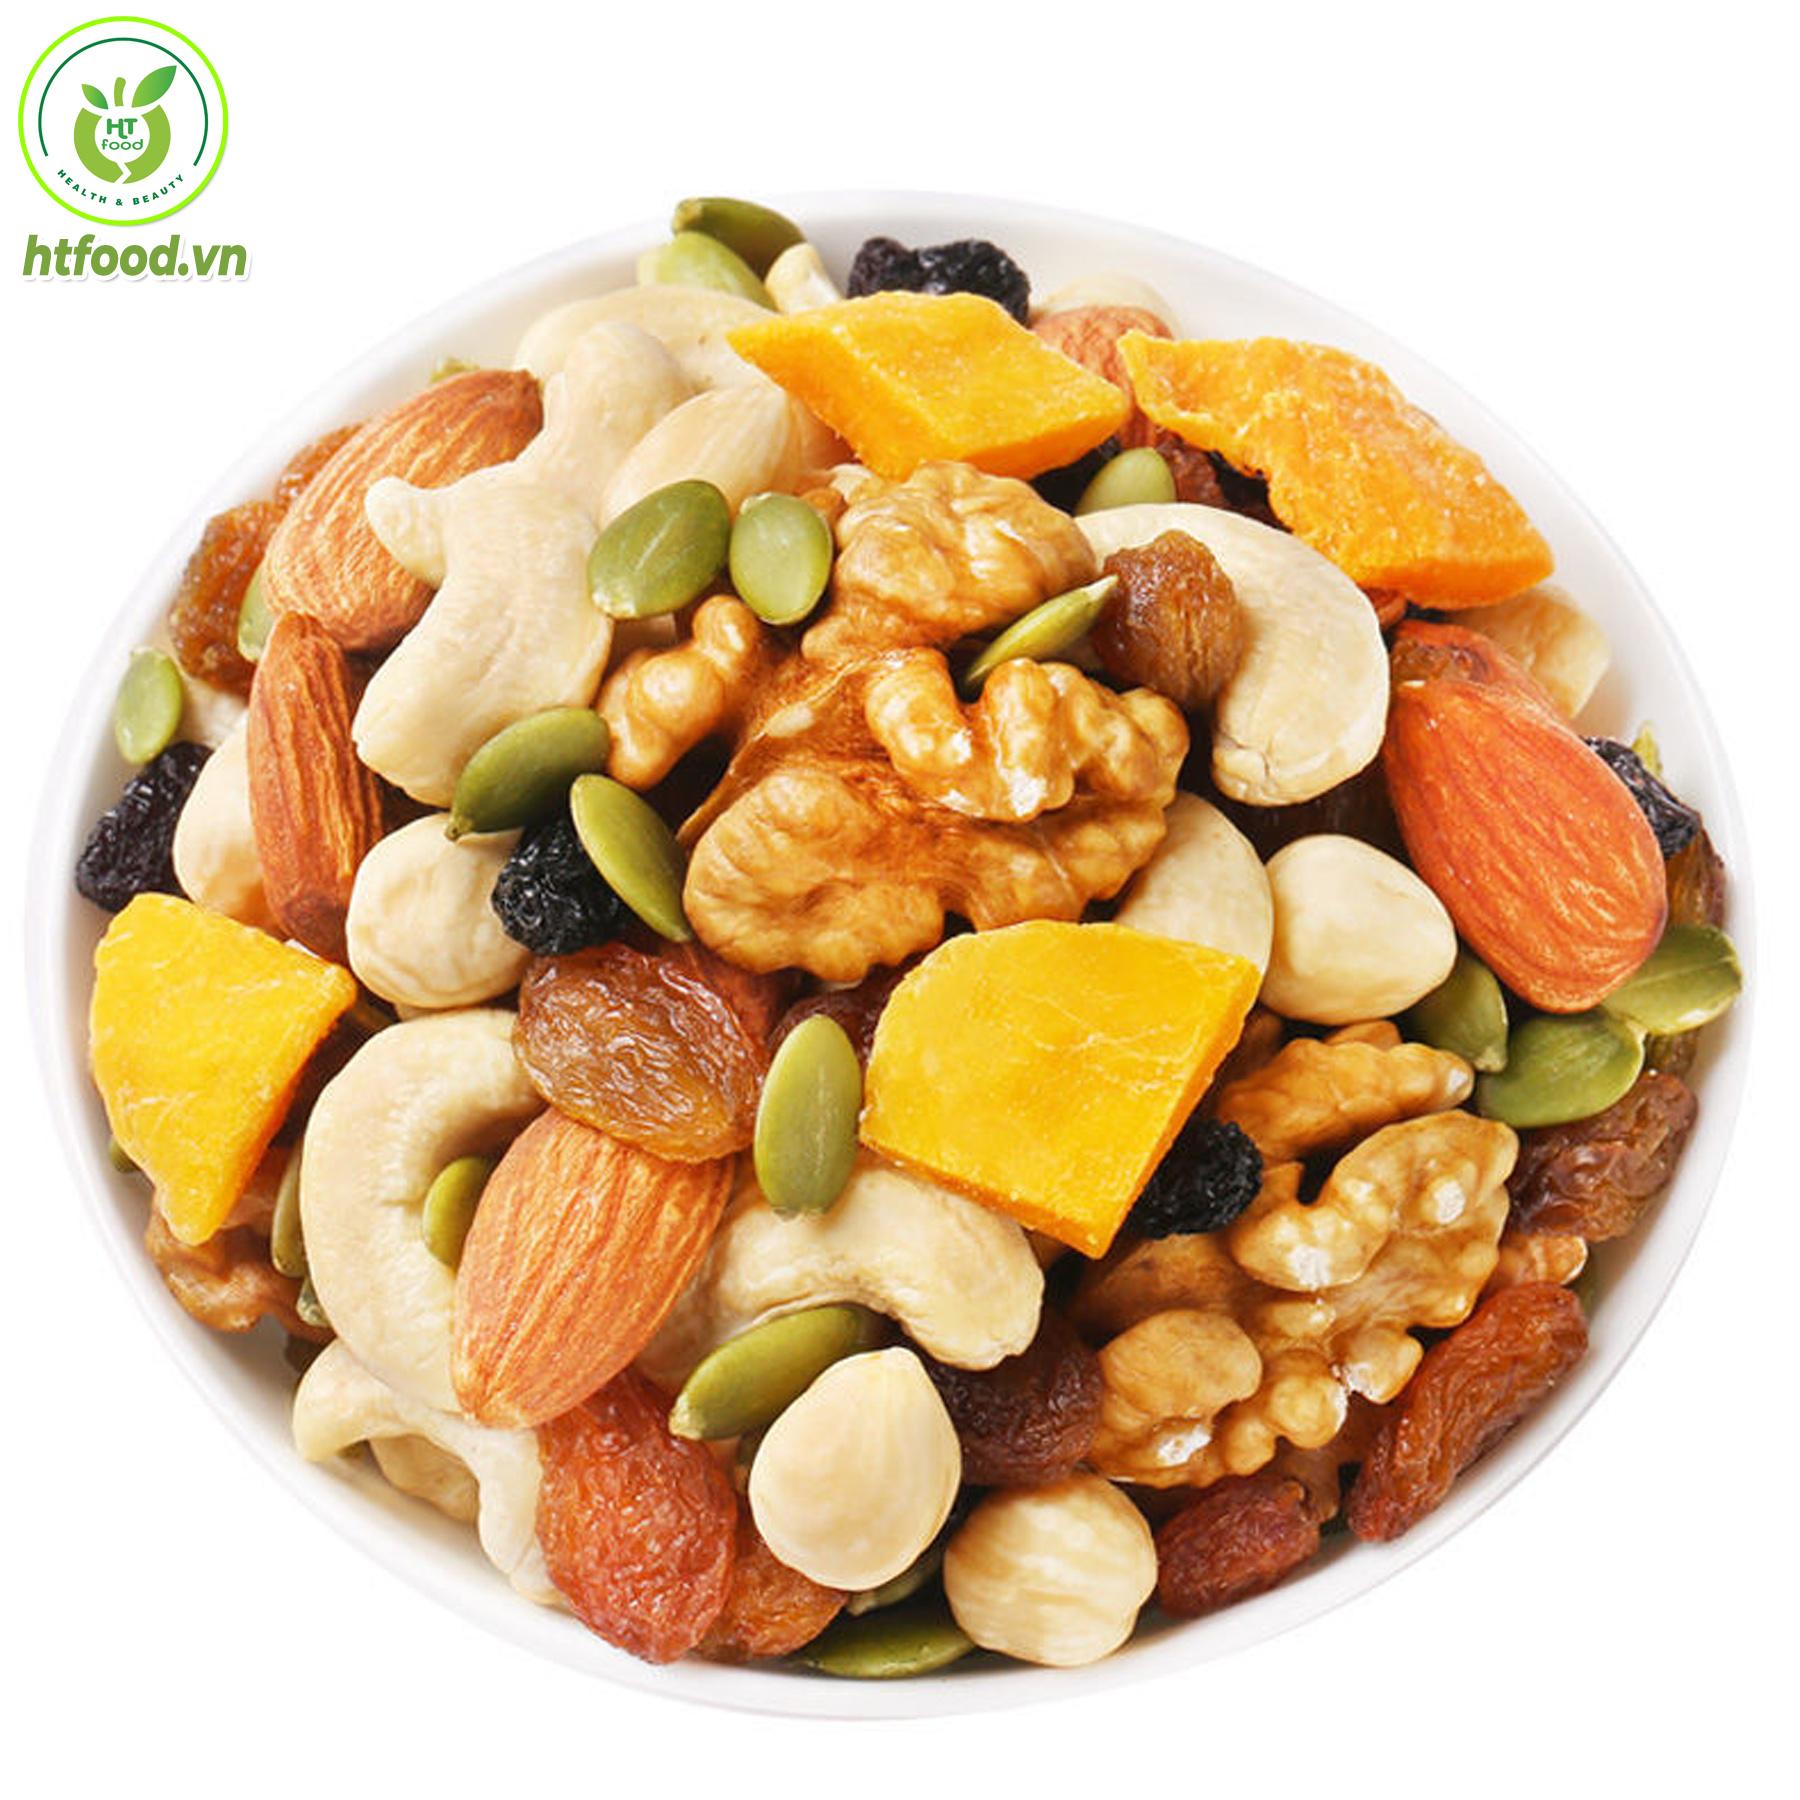 Hạt dinh dưỡng mix